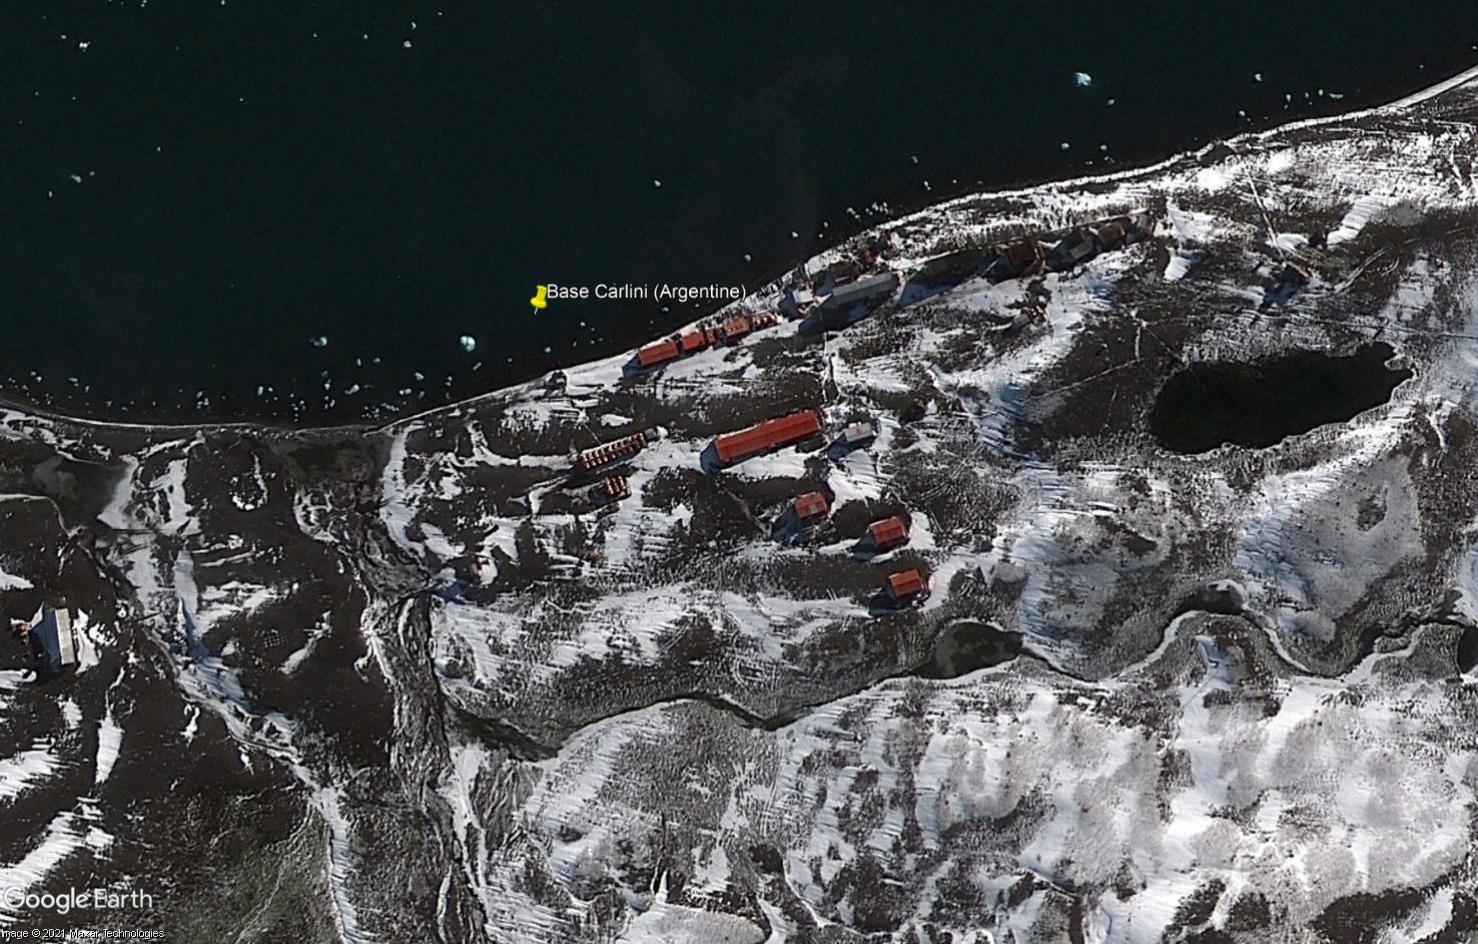 DEFI COLLECTIF : à la recherche des stations scientifiques de l'Antarctique avec Google Earth - Page 8 Tsge2058